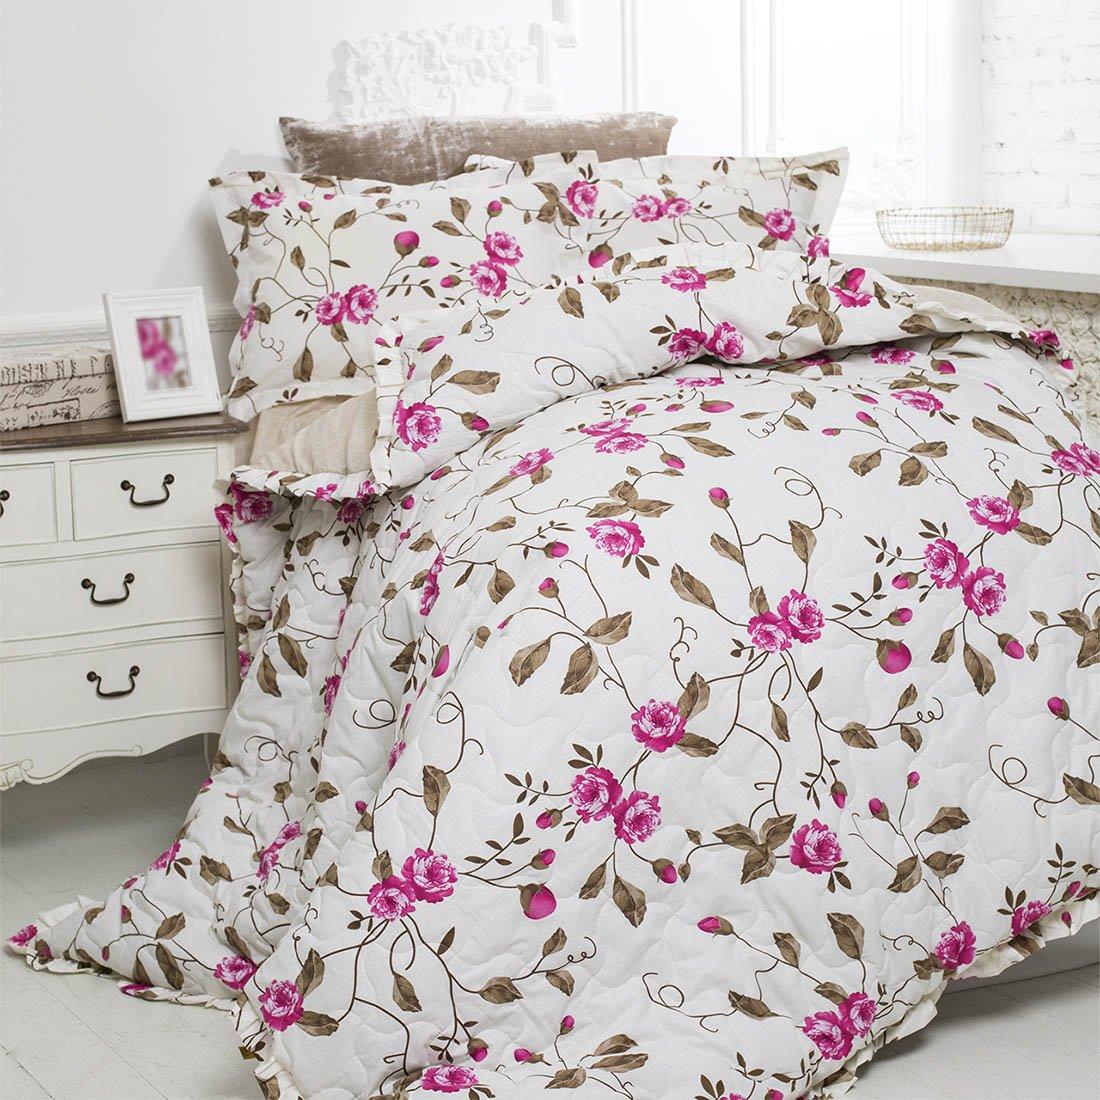 51887a807267 Постельное белье Amarente (2 спальное) в интернет-магазине Моя постель